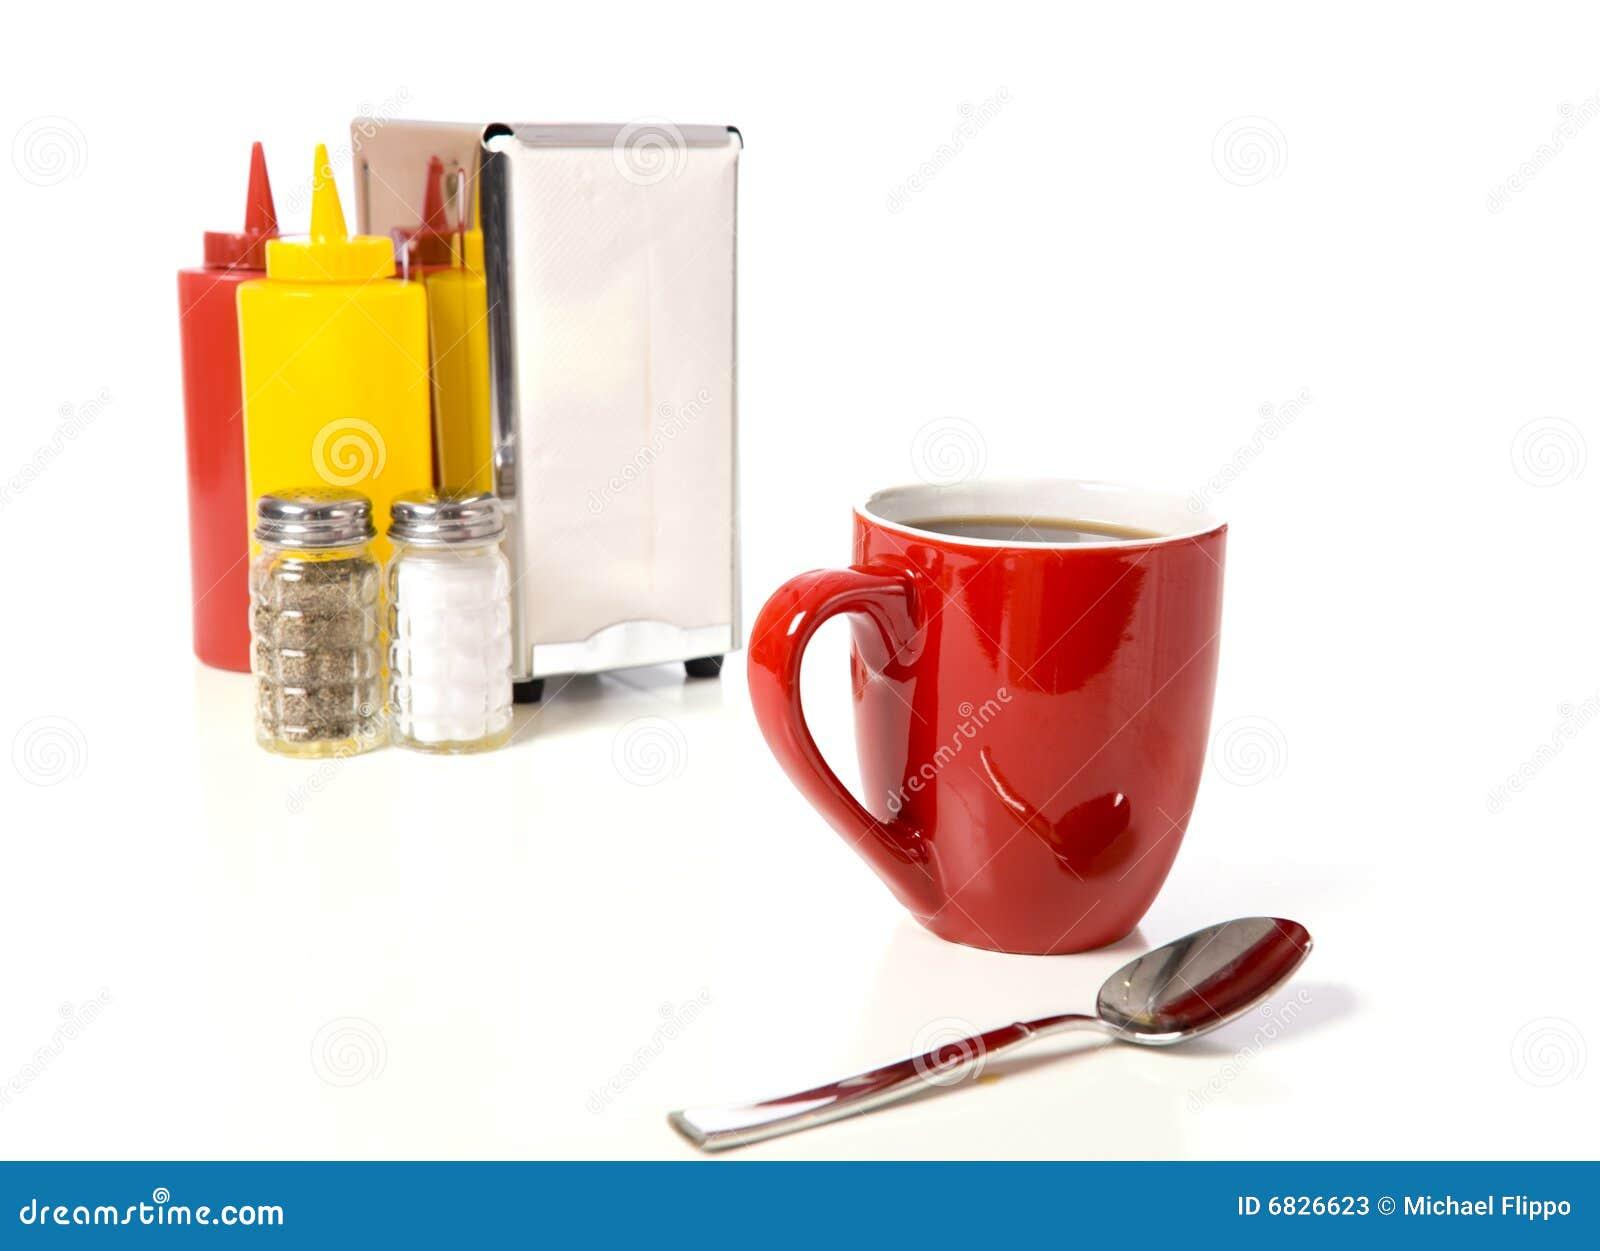 咖啡馆咖啡店桌面